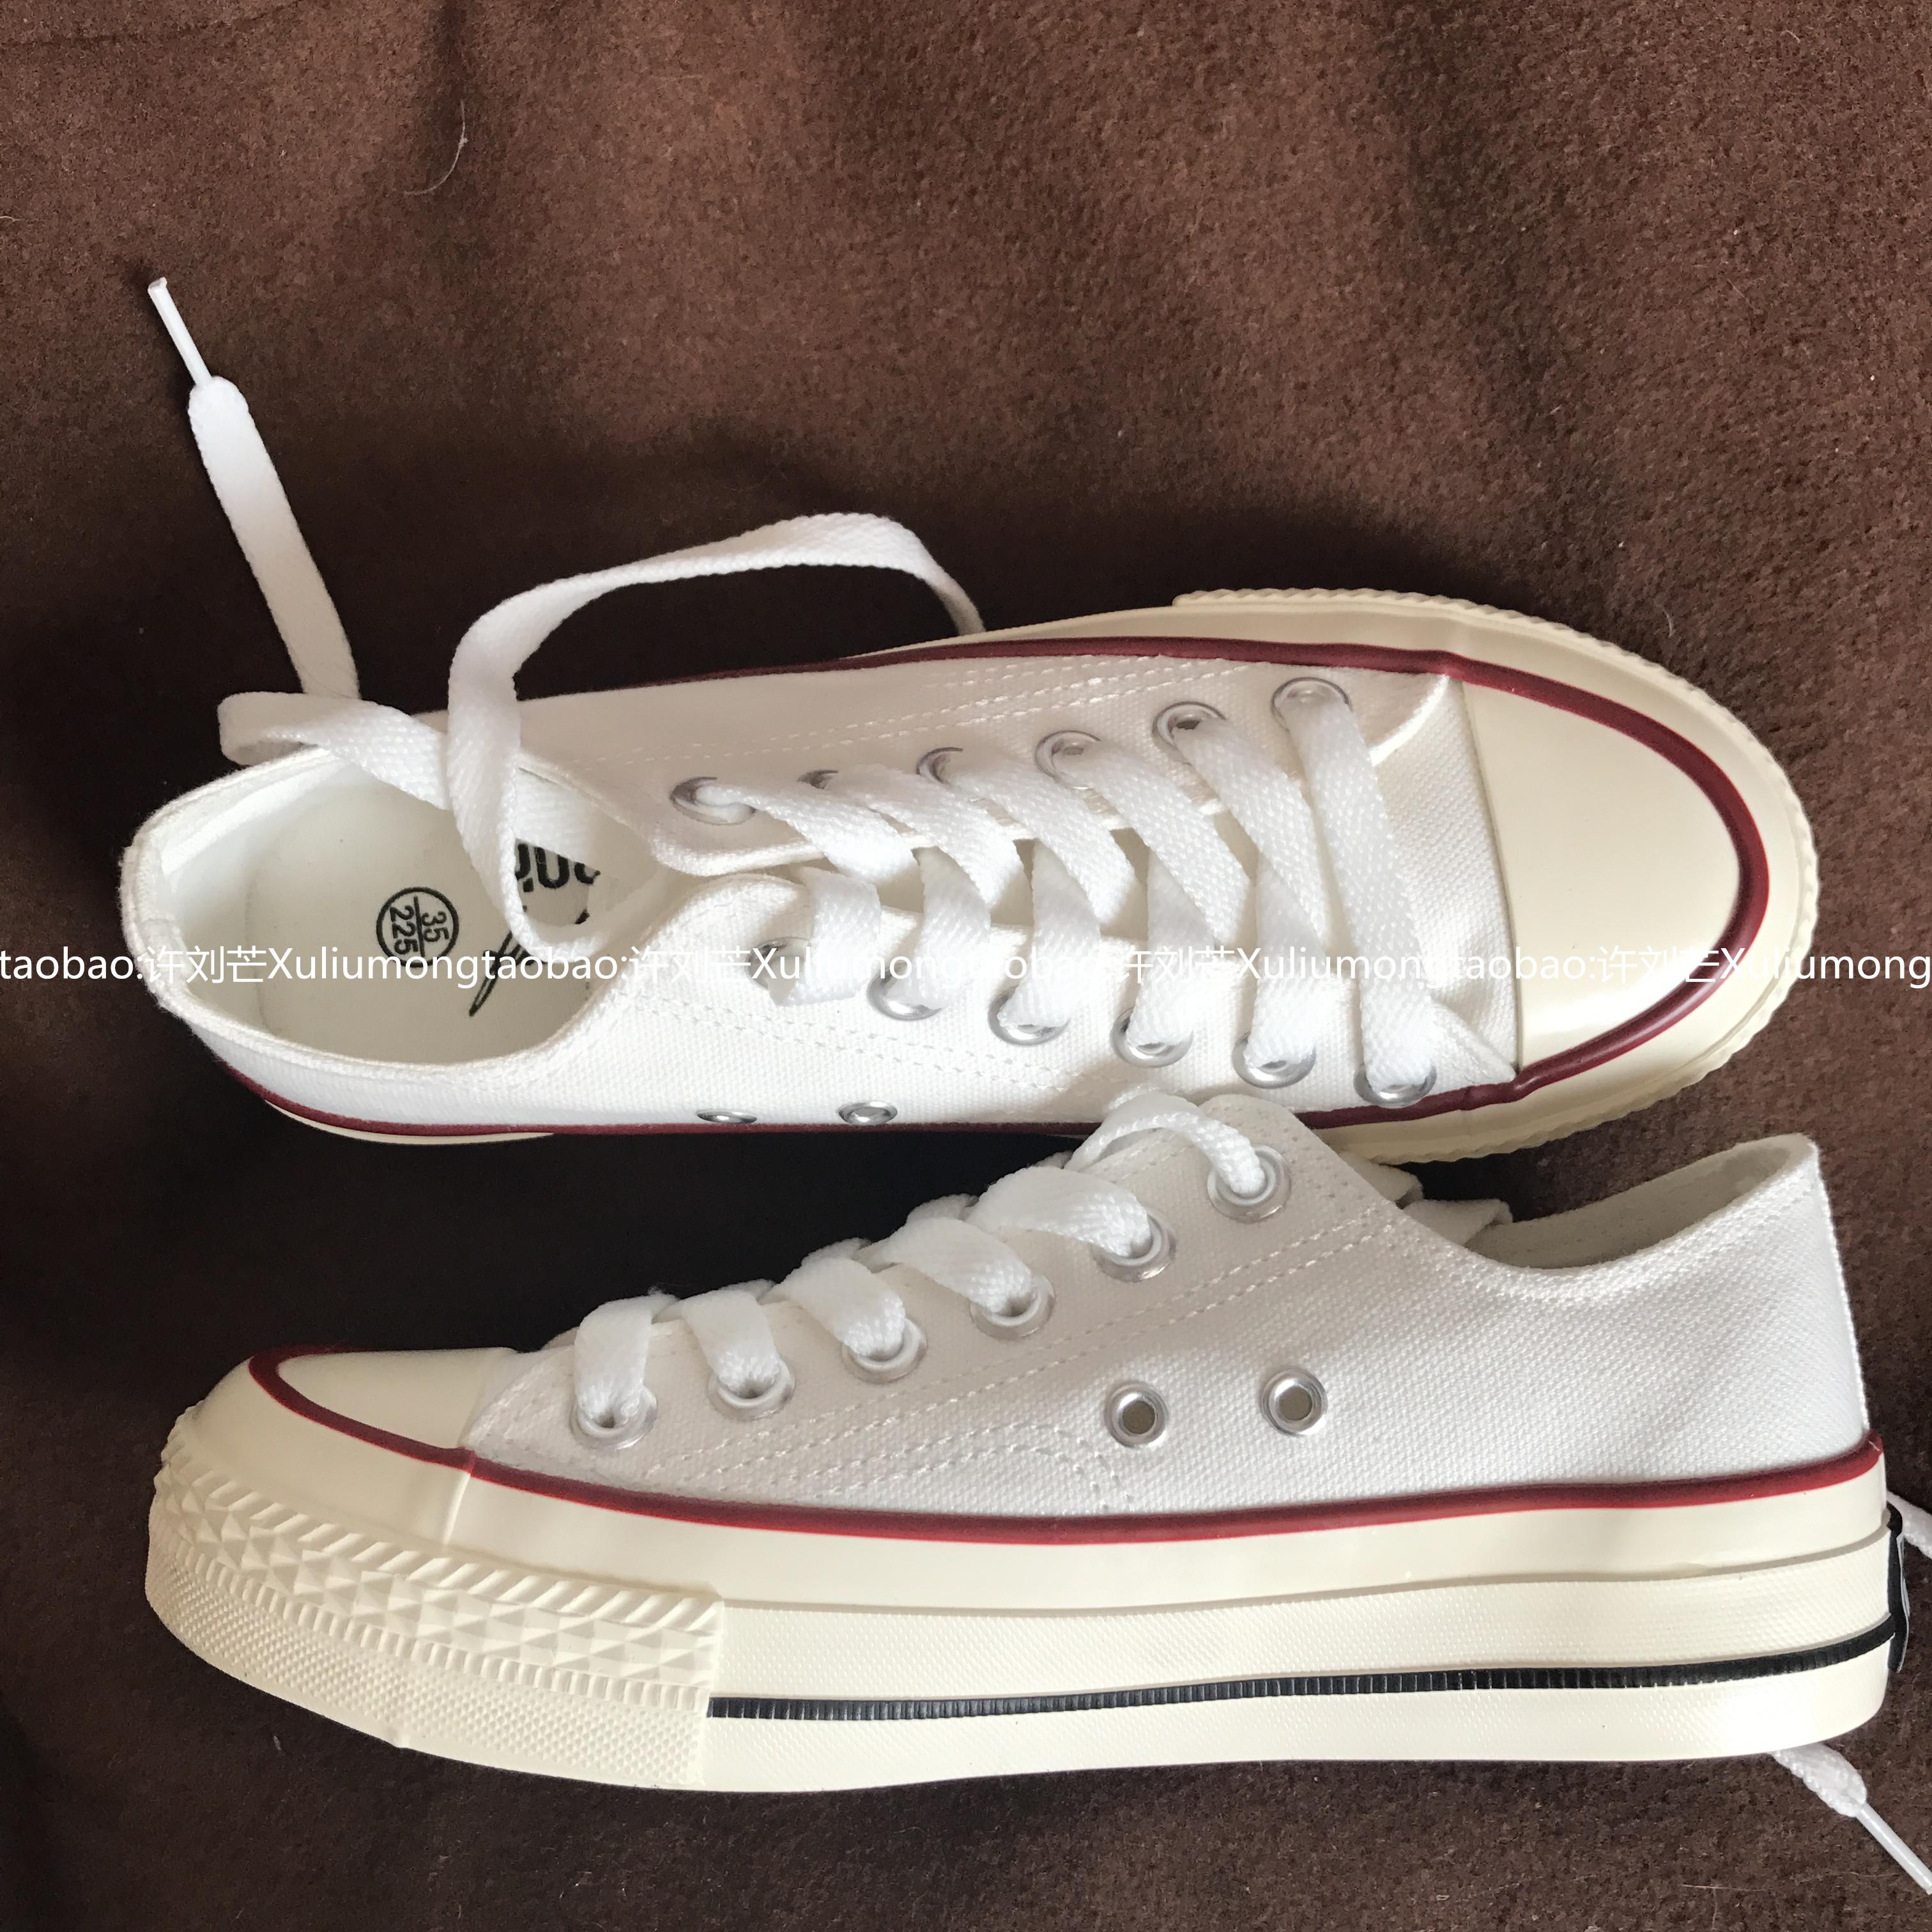 复刻白色低帮帆布鞋女 1970s 韩国街拍万年经典款百搭复古 许刘芒